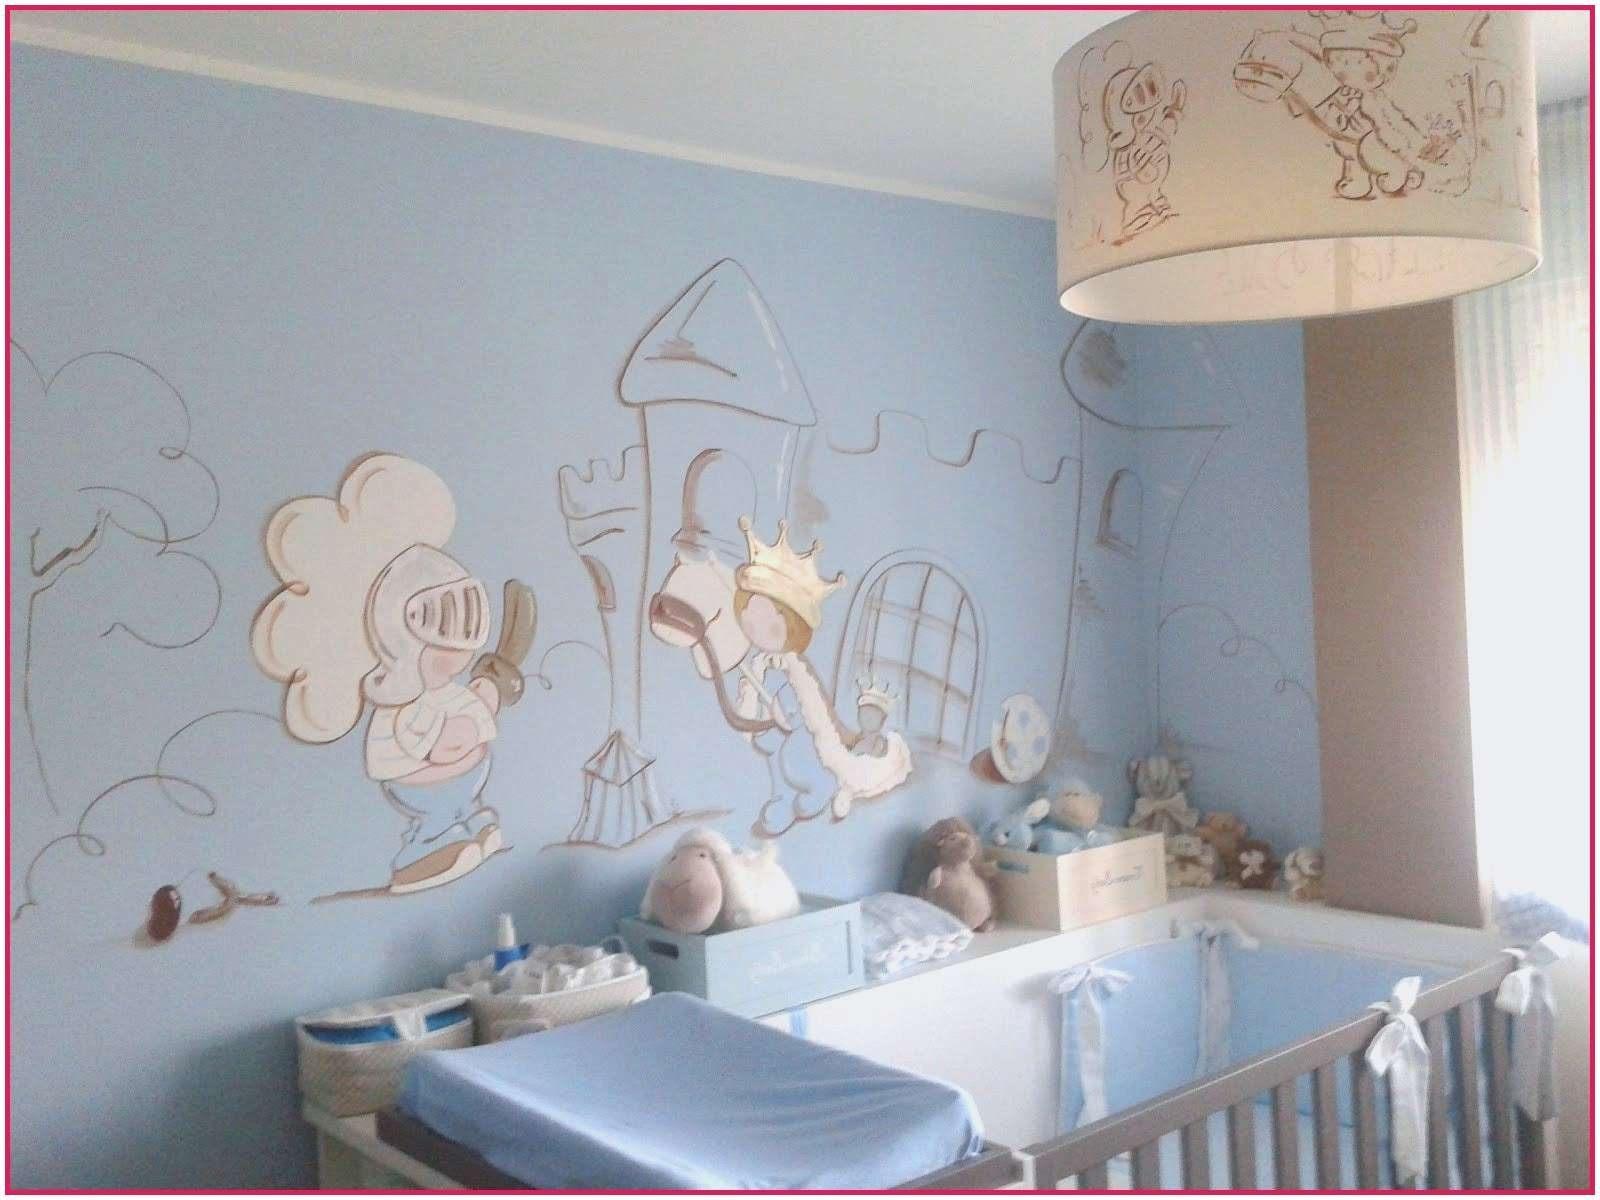 Parure De Lit Bébé Fille De Luxe Frais Bébé Fille Inspirant Graphie Parc B C3 A9b C3 A9 Gris Pour